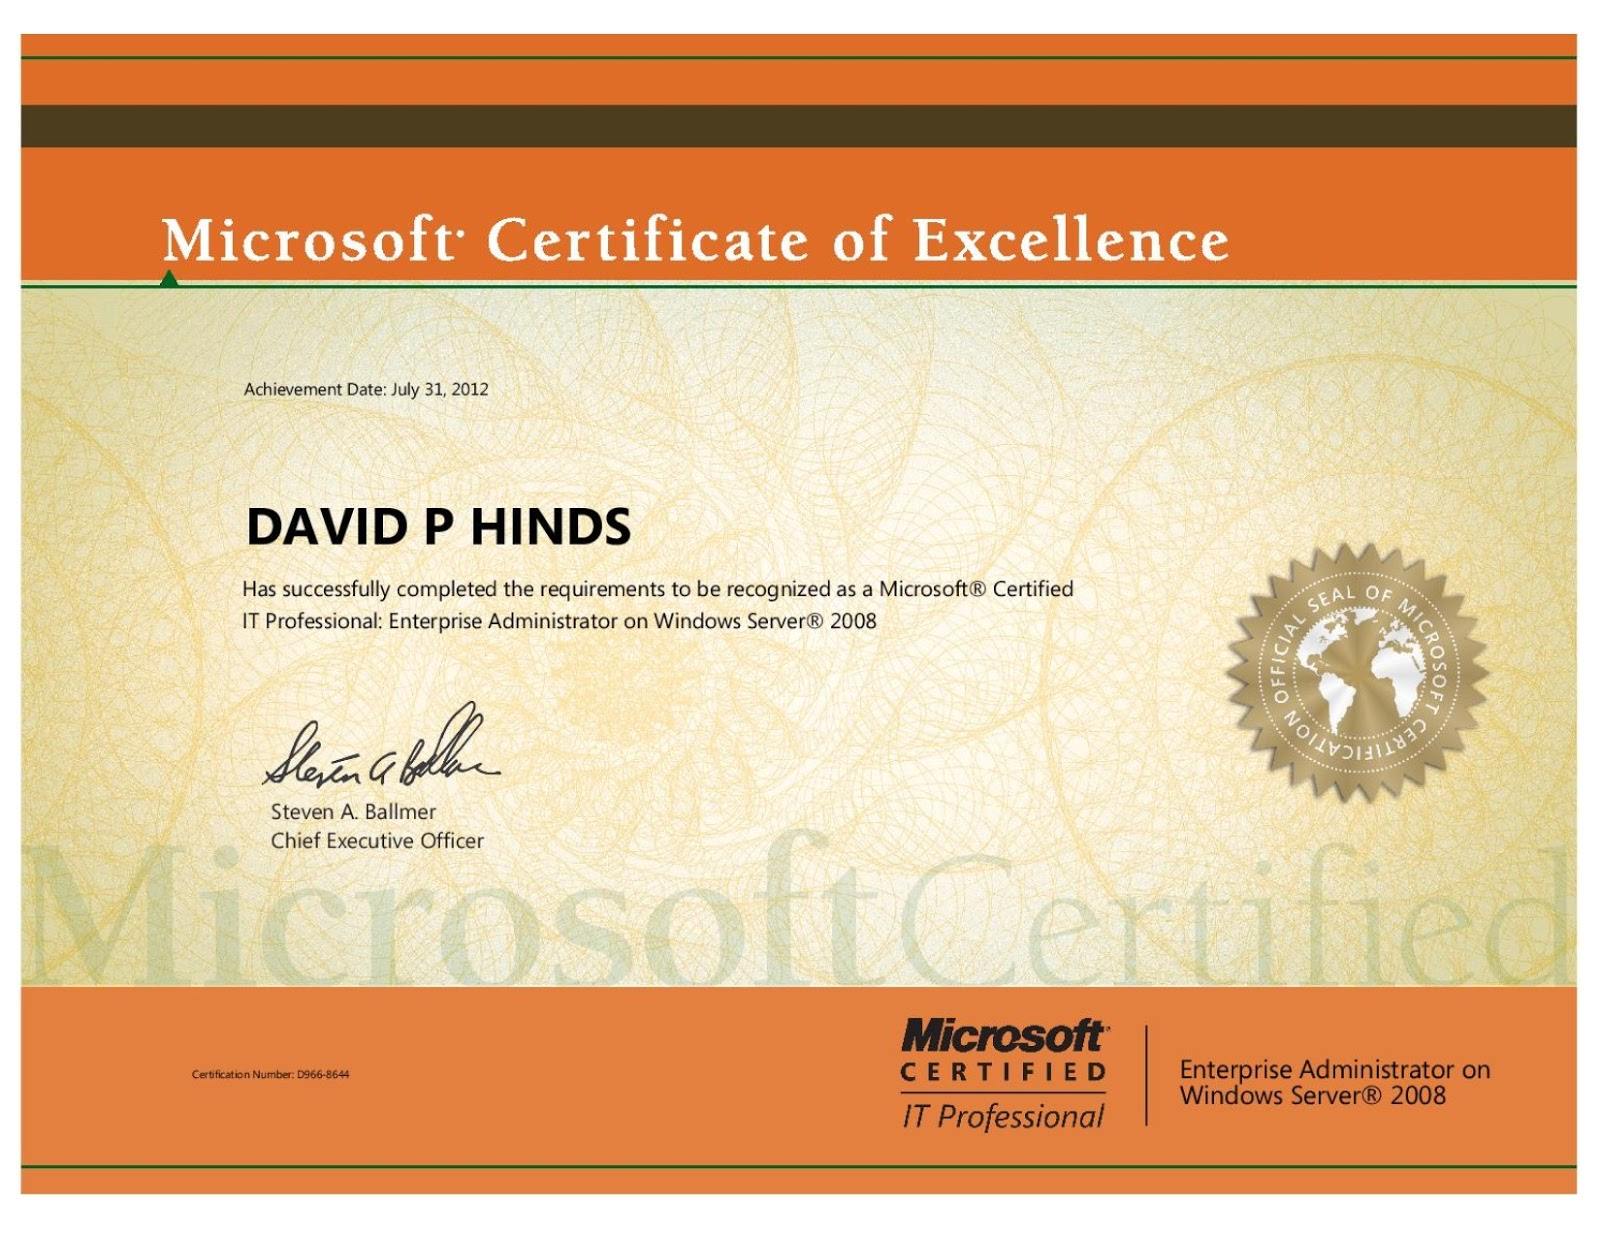 Best of microsoft certification info winner certificate template free examples of best certificate microsoft certification tr71 microsoft2bcertification2btr712b25282 xflitez Gallery